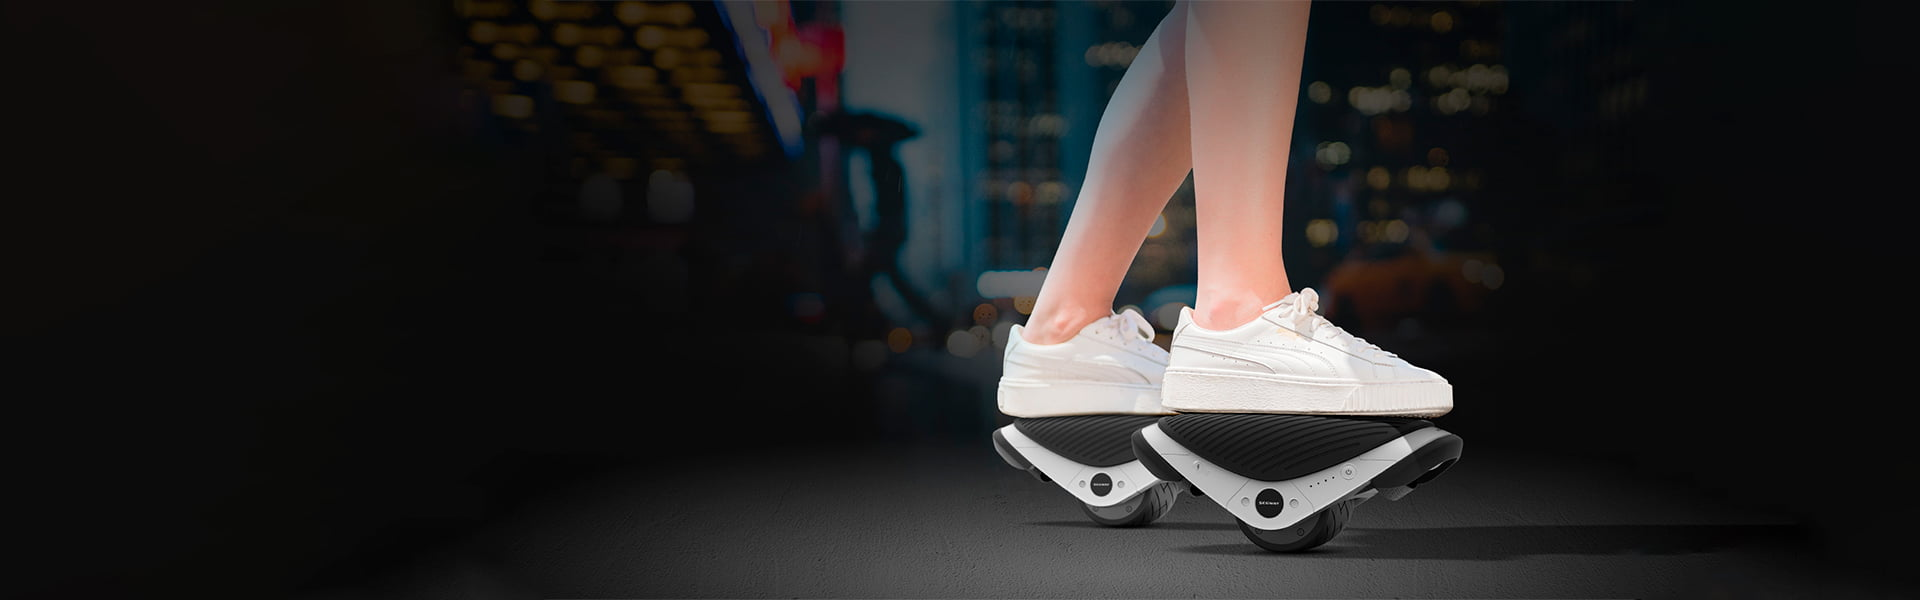 Segway запускает новую категорию продукции: электроролики e-Skates